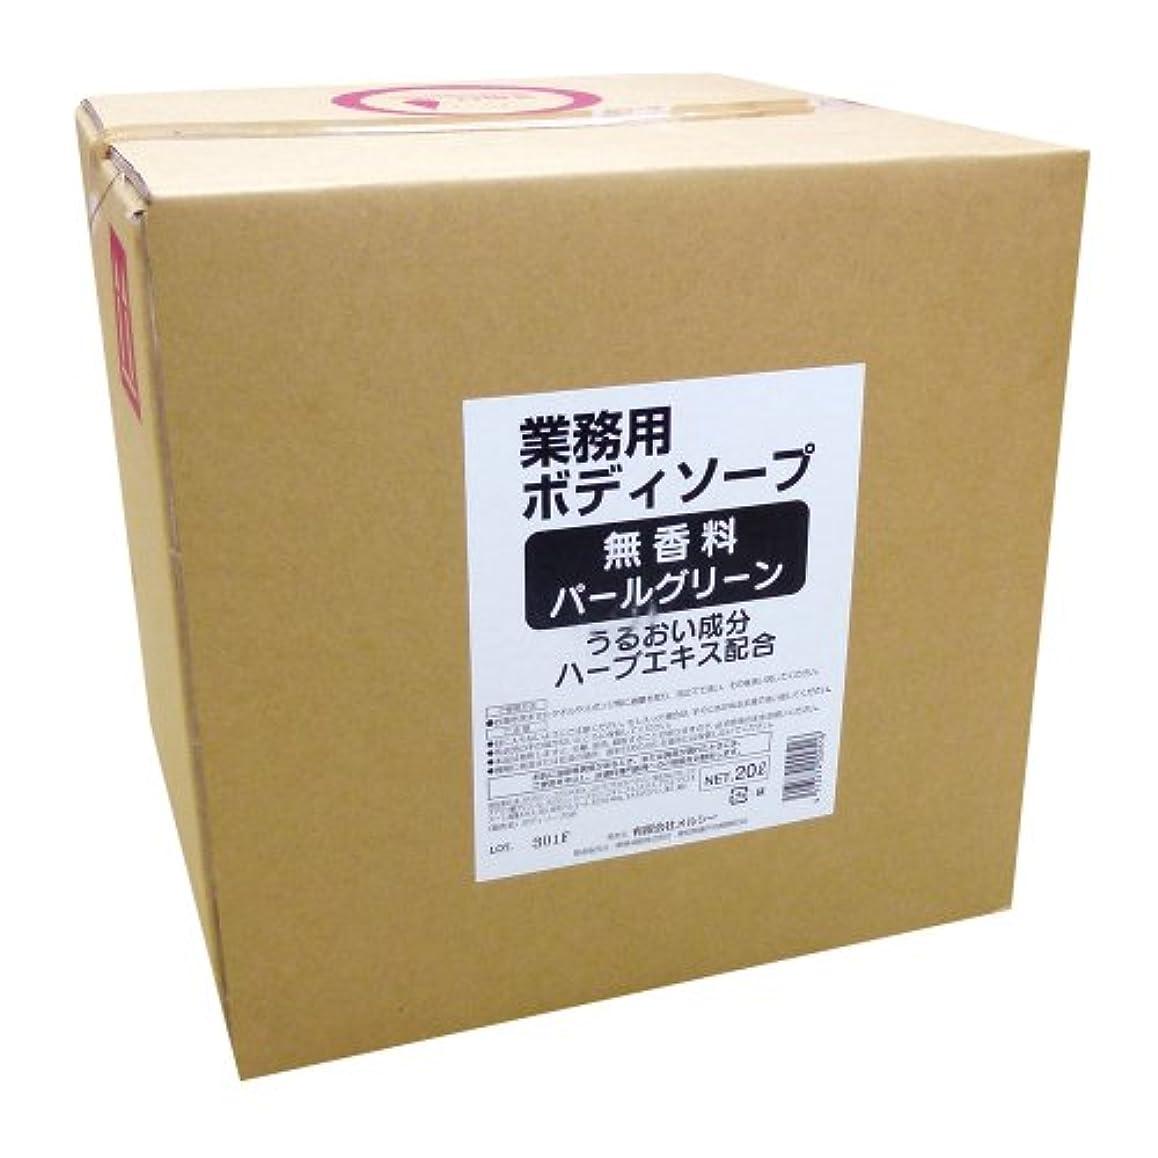 高架謙虚な説得【業務用】 無香料 ボディソープ 20L